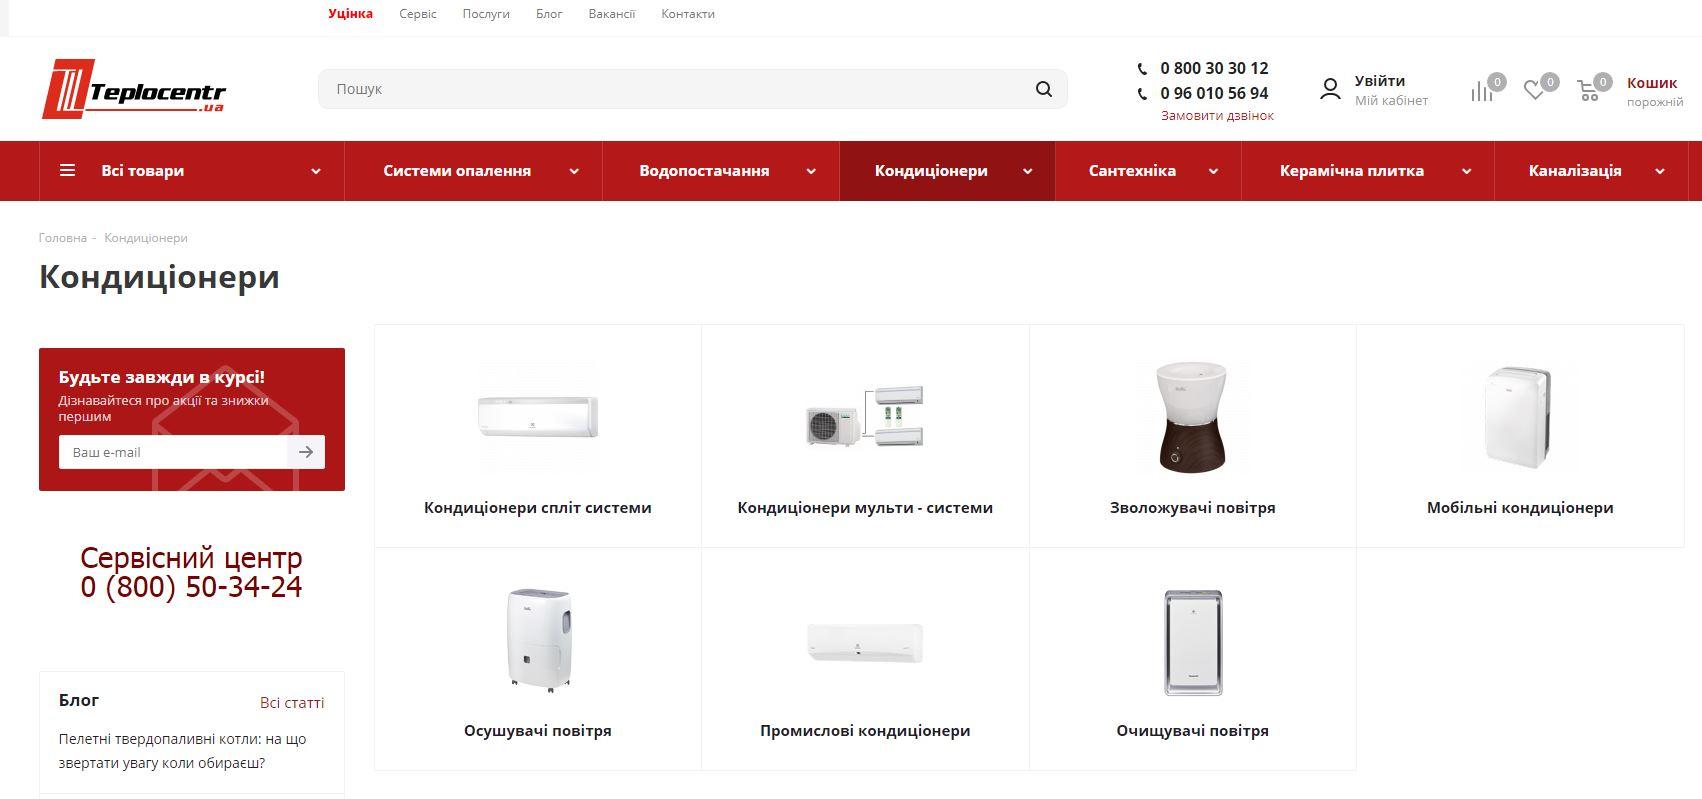 Інтернет-магазин ТОВ «ТД Теплоцентр» teplocentr.ua